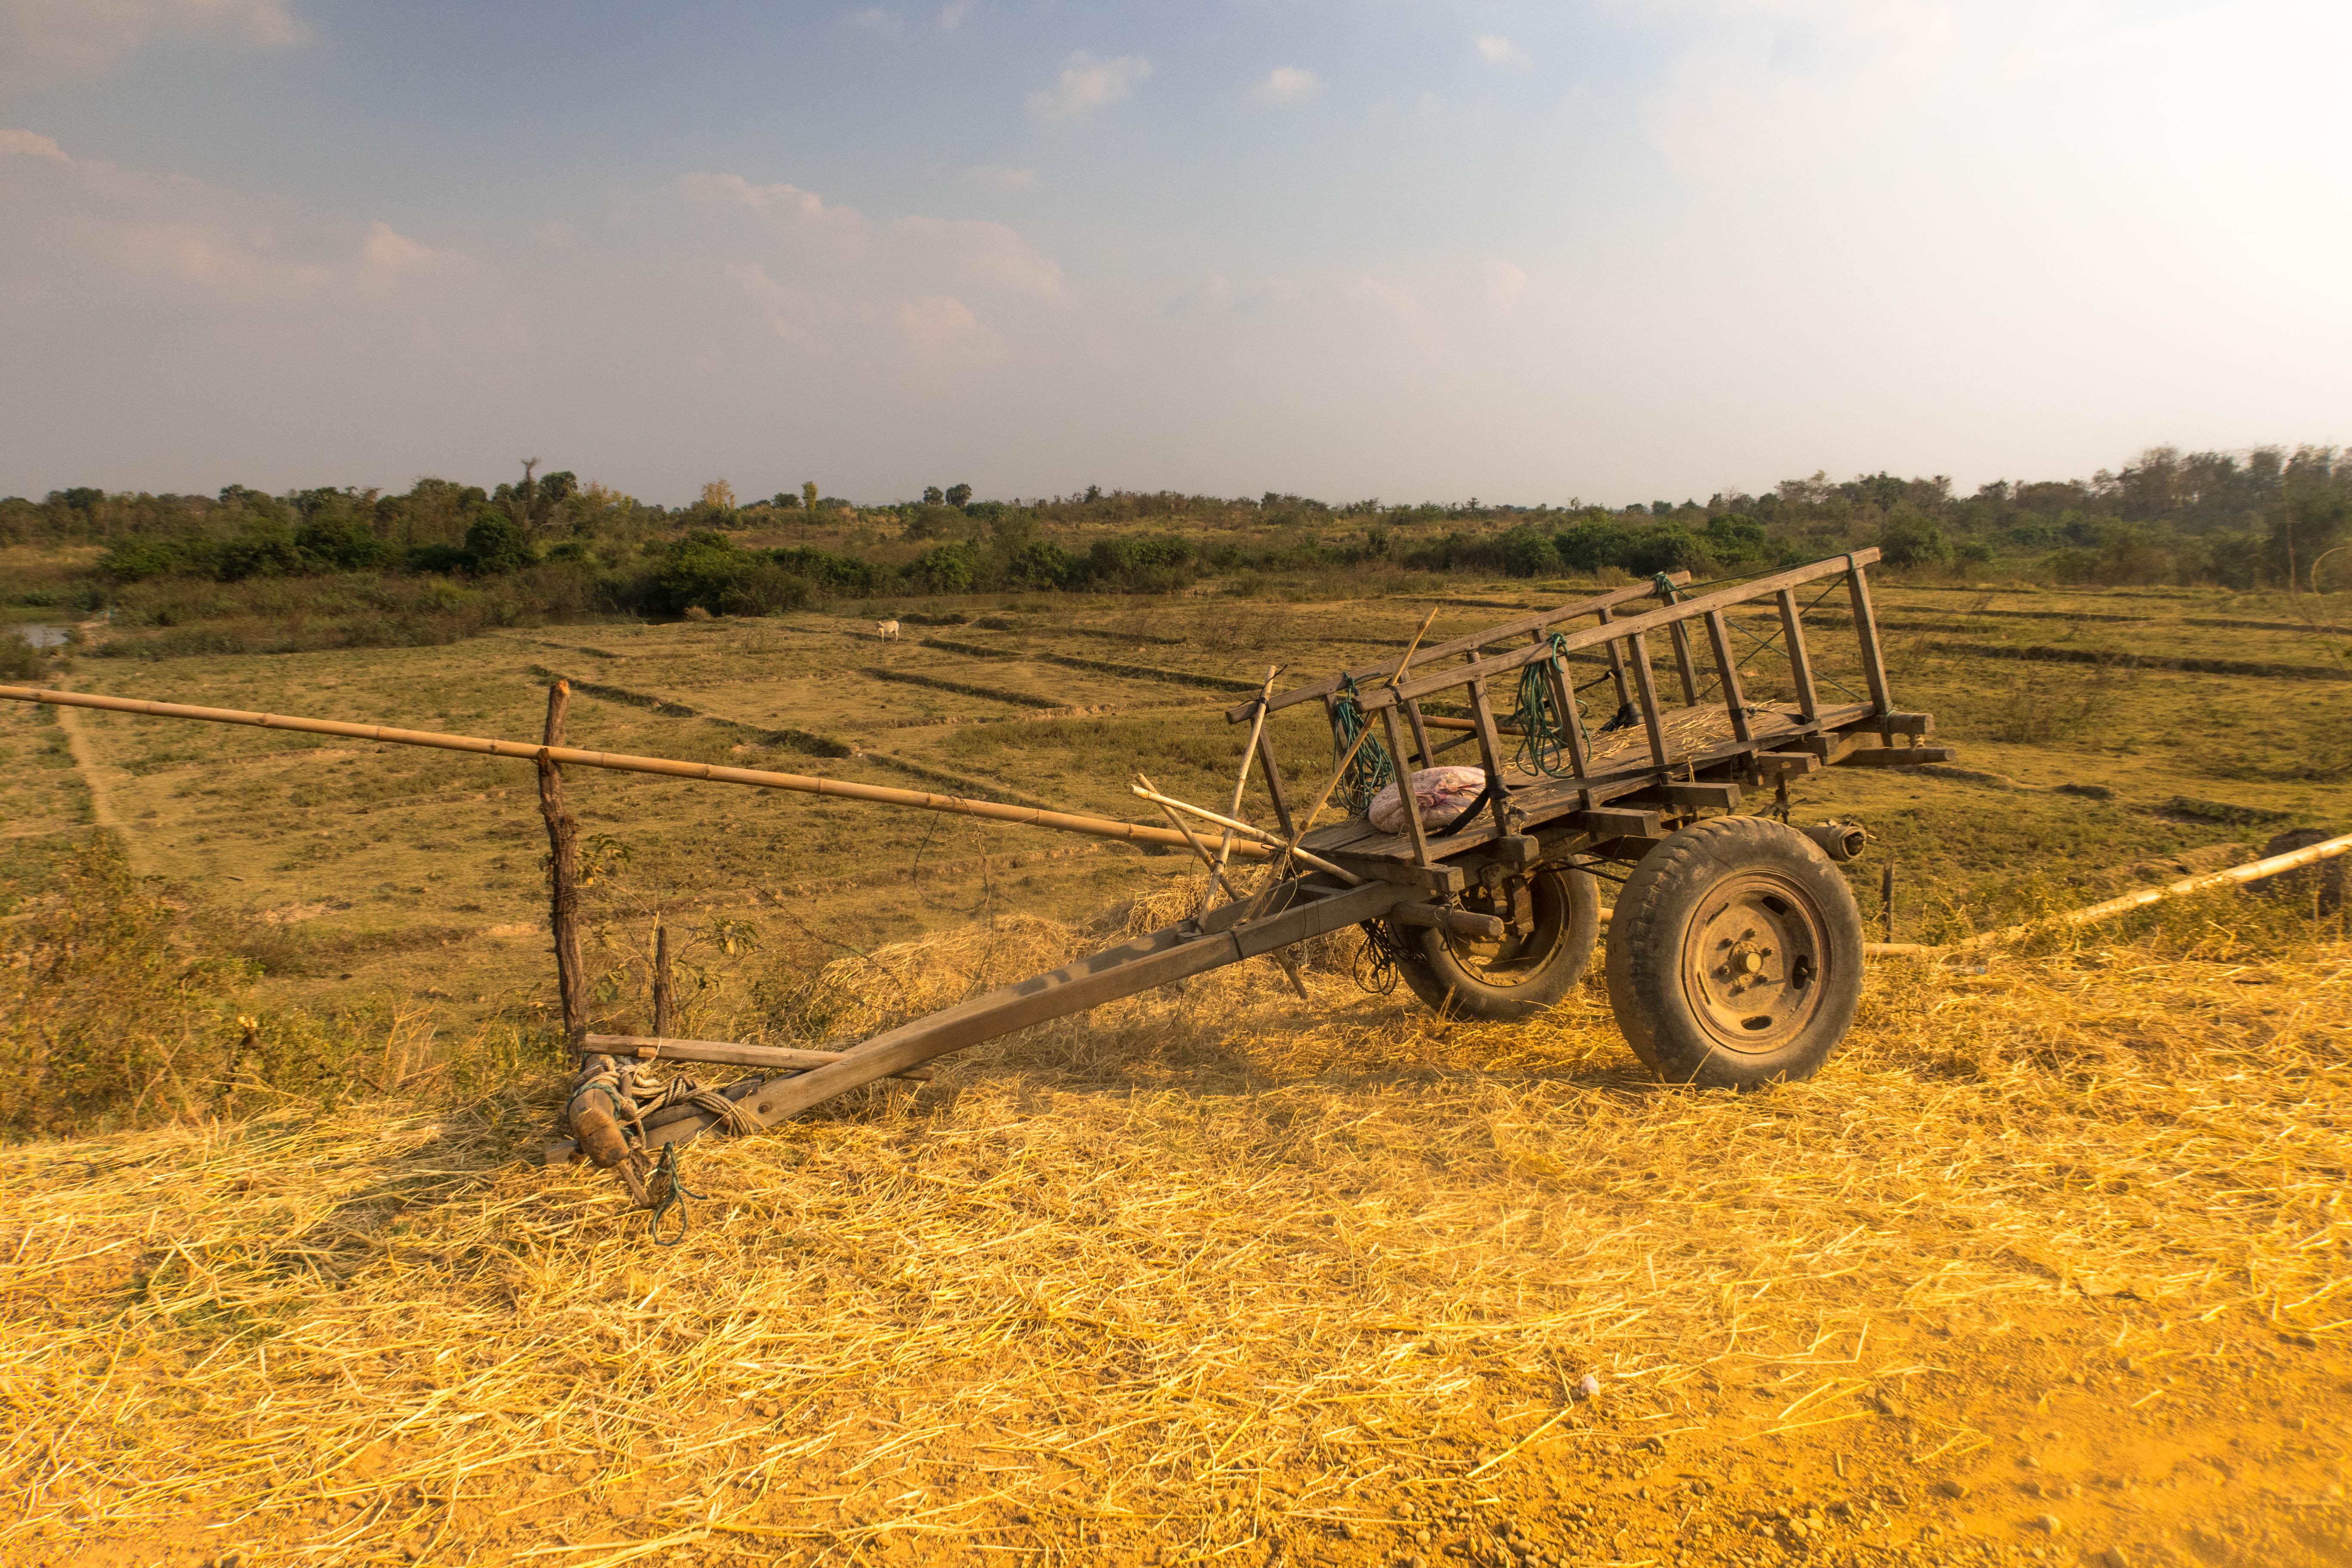 Tracteur 2 - CAMBODGE